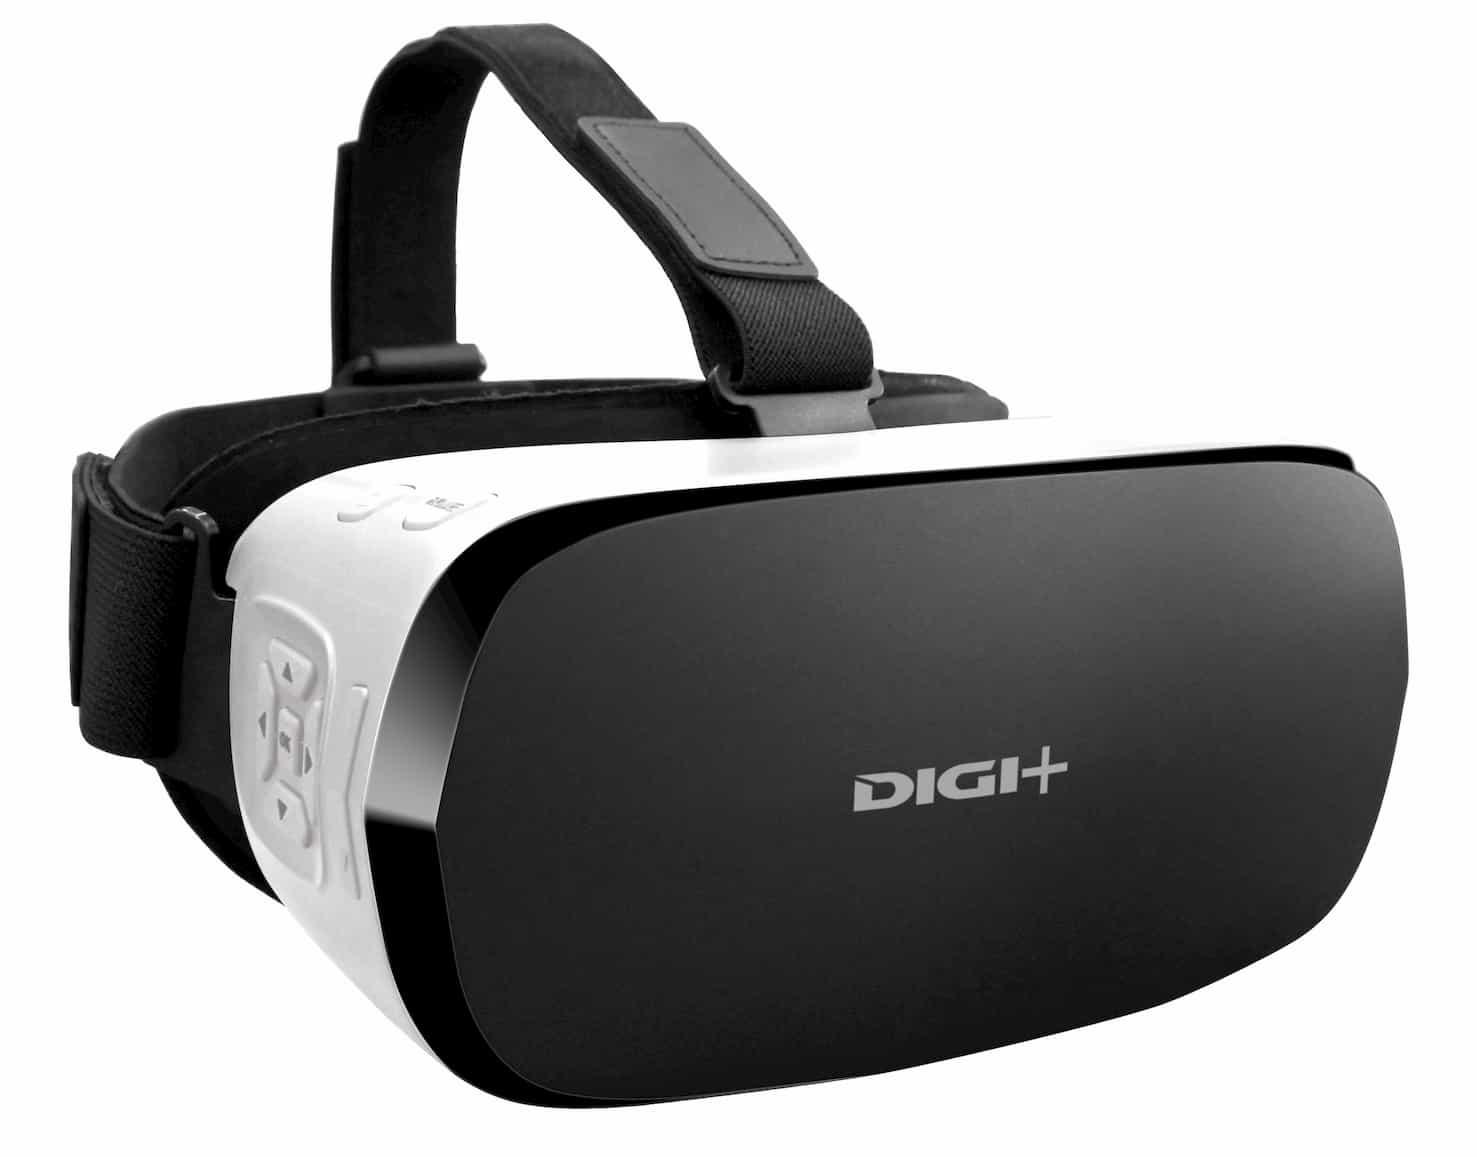 ヘッドマウントディスプレイ型VRゴーグル(DIGI+ DGP-VRG01)を発売 メイン画像